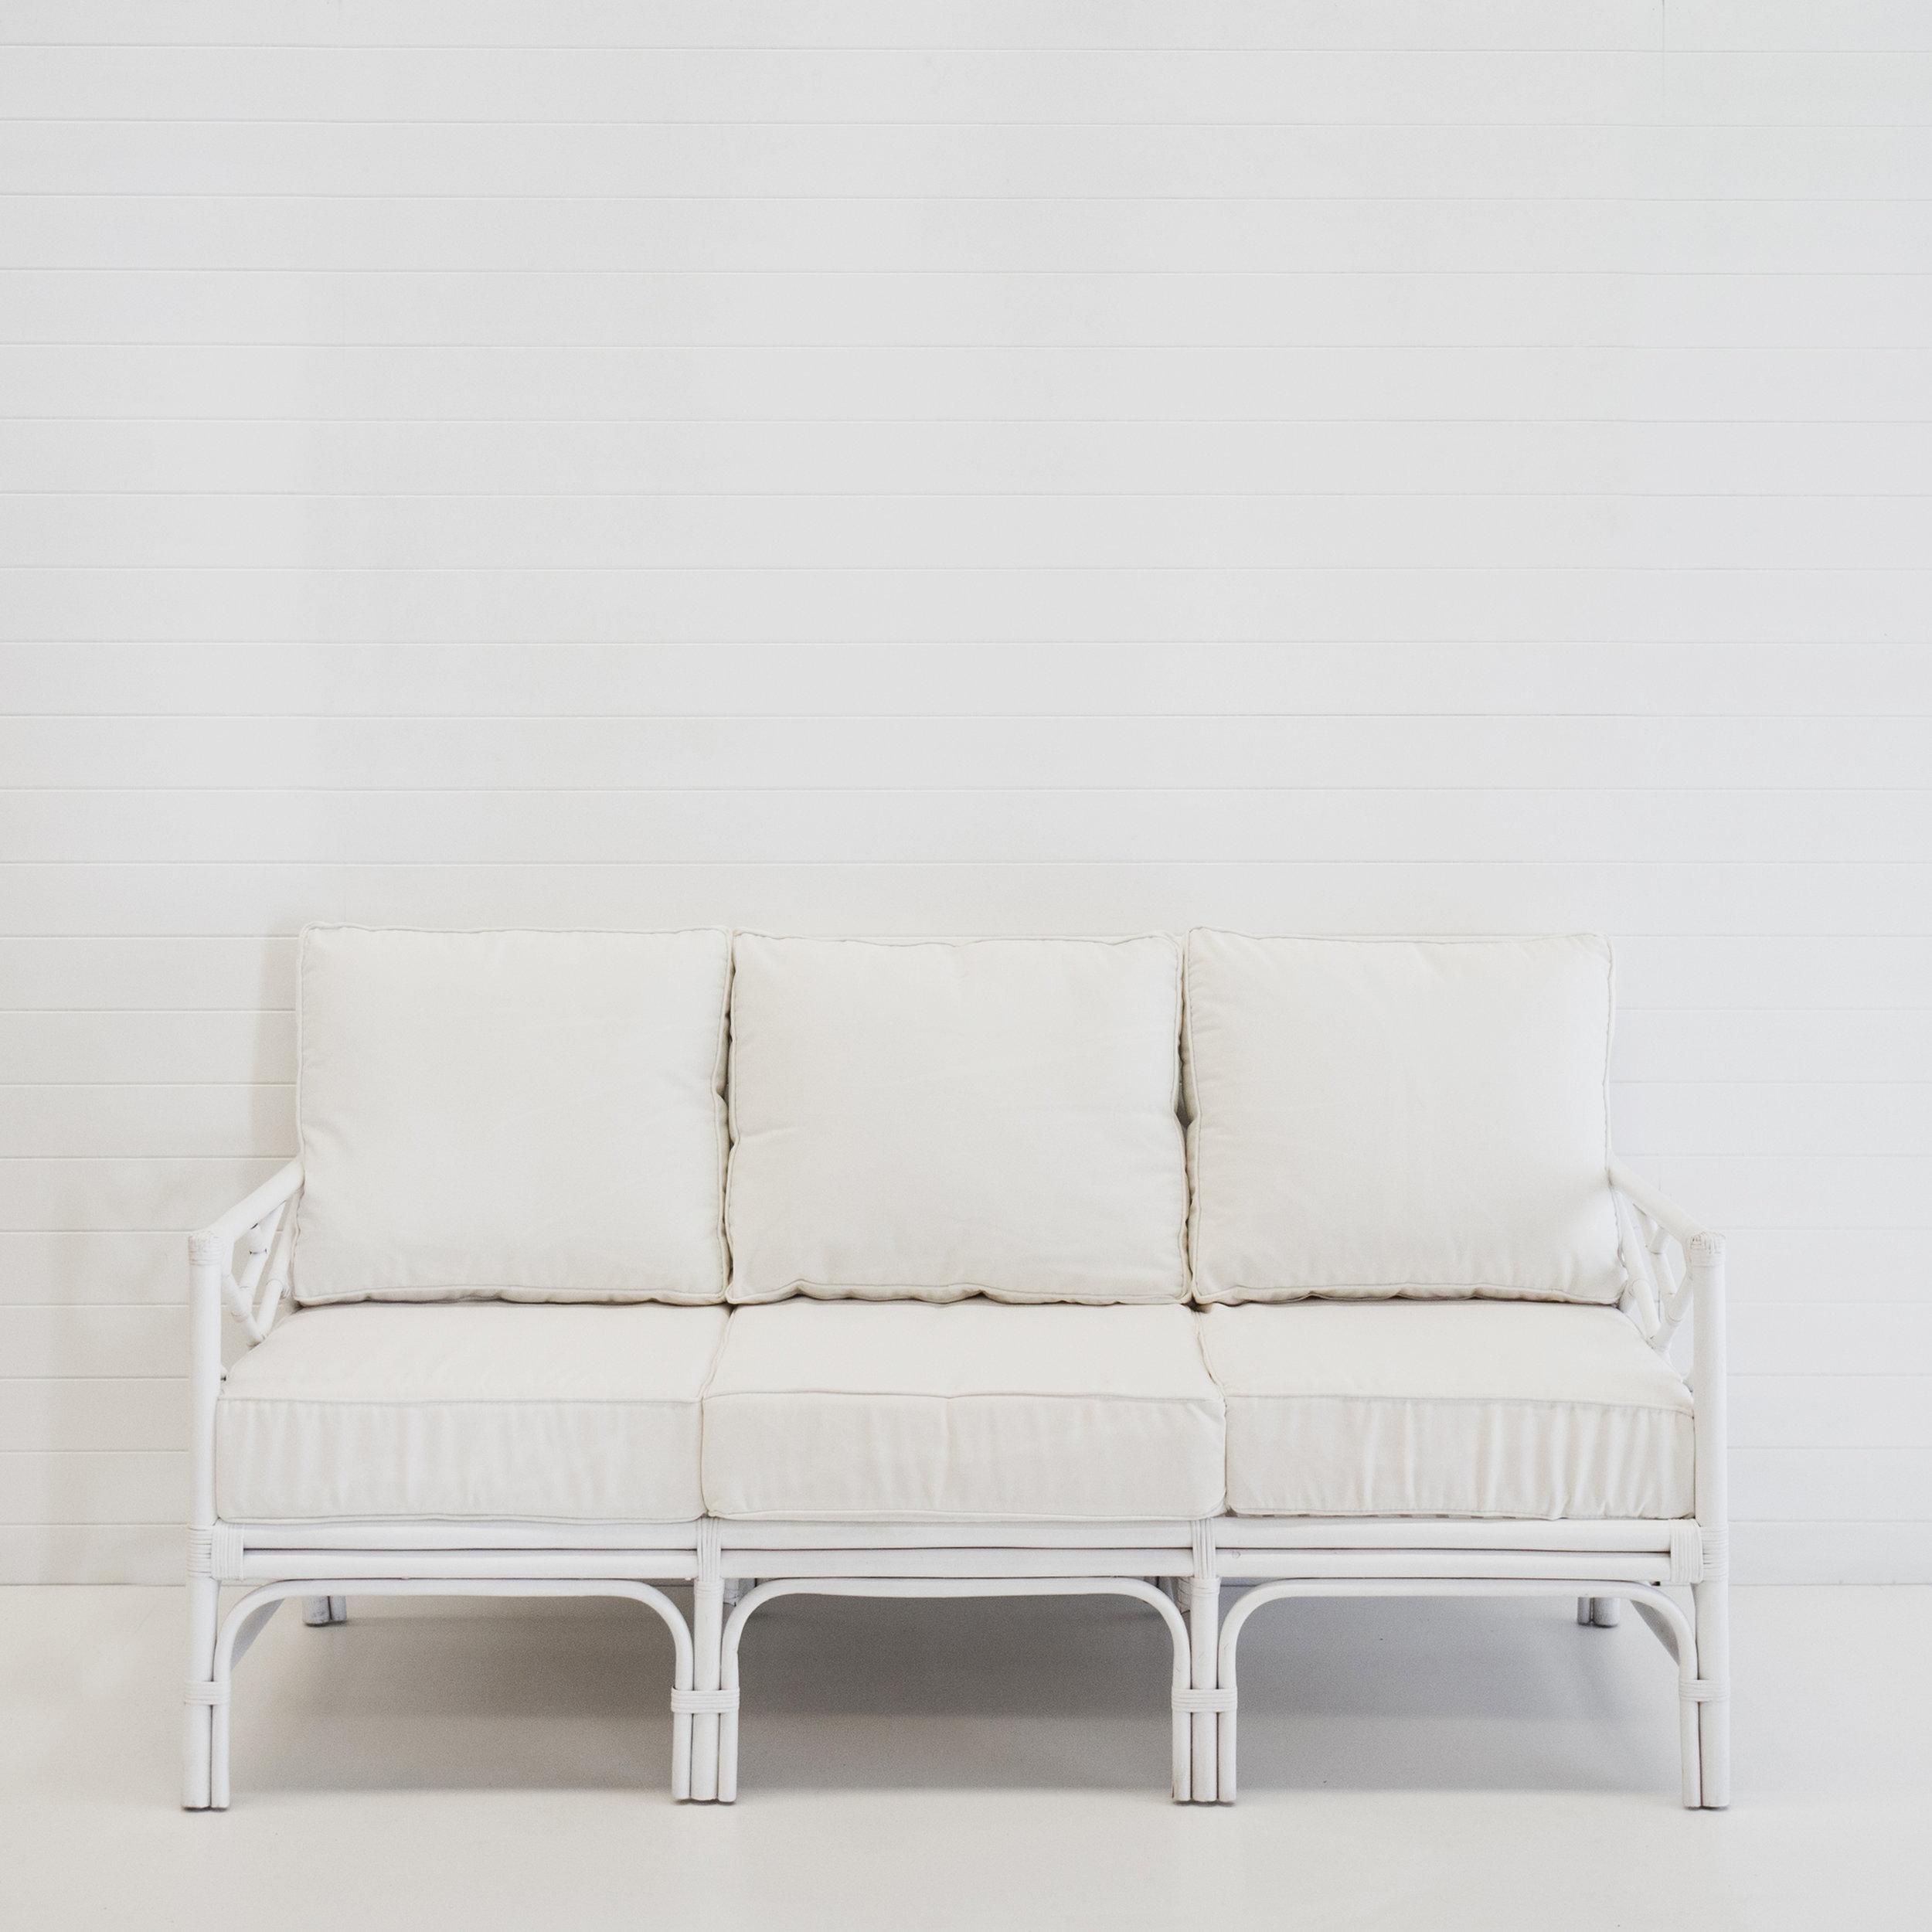 Hamptons white 3-seater sofa (with white cushions